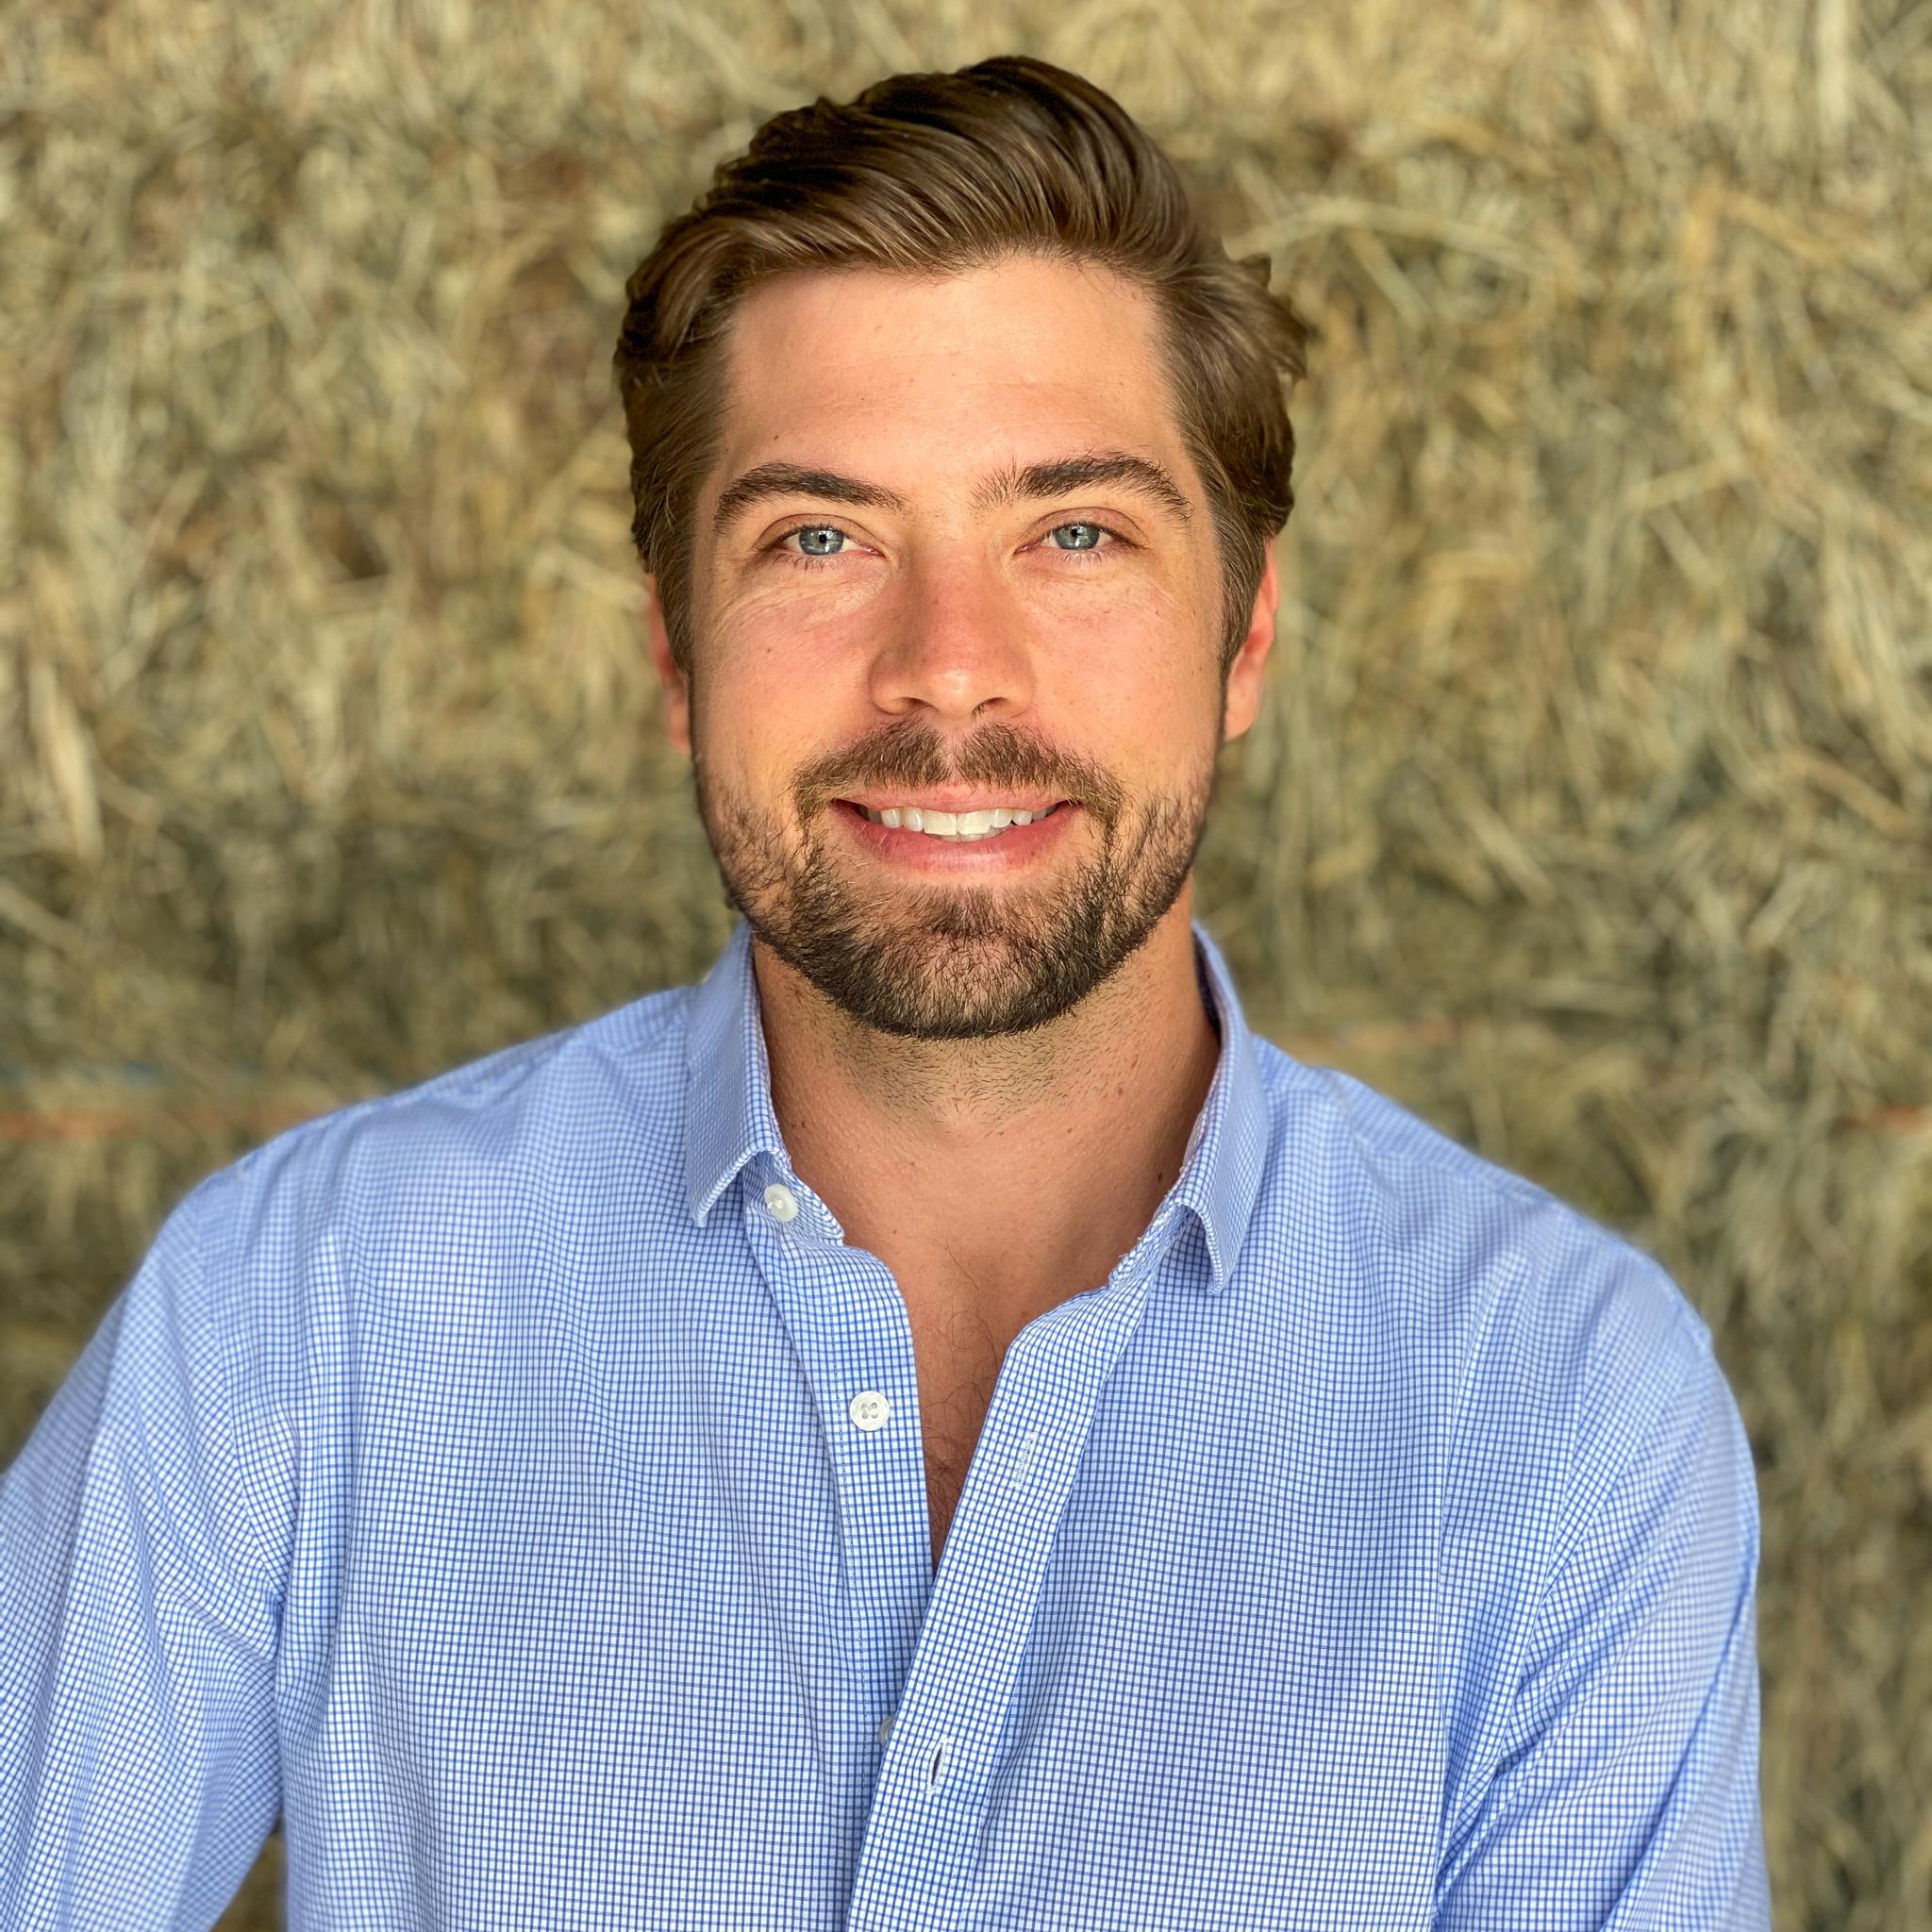 Alexander Christensen